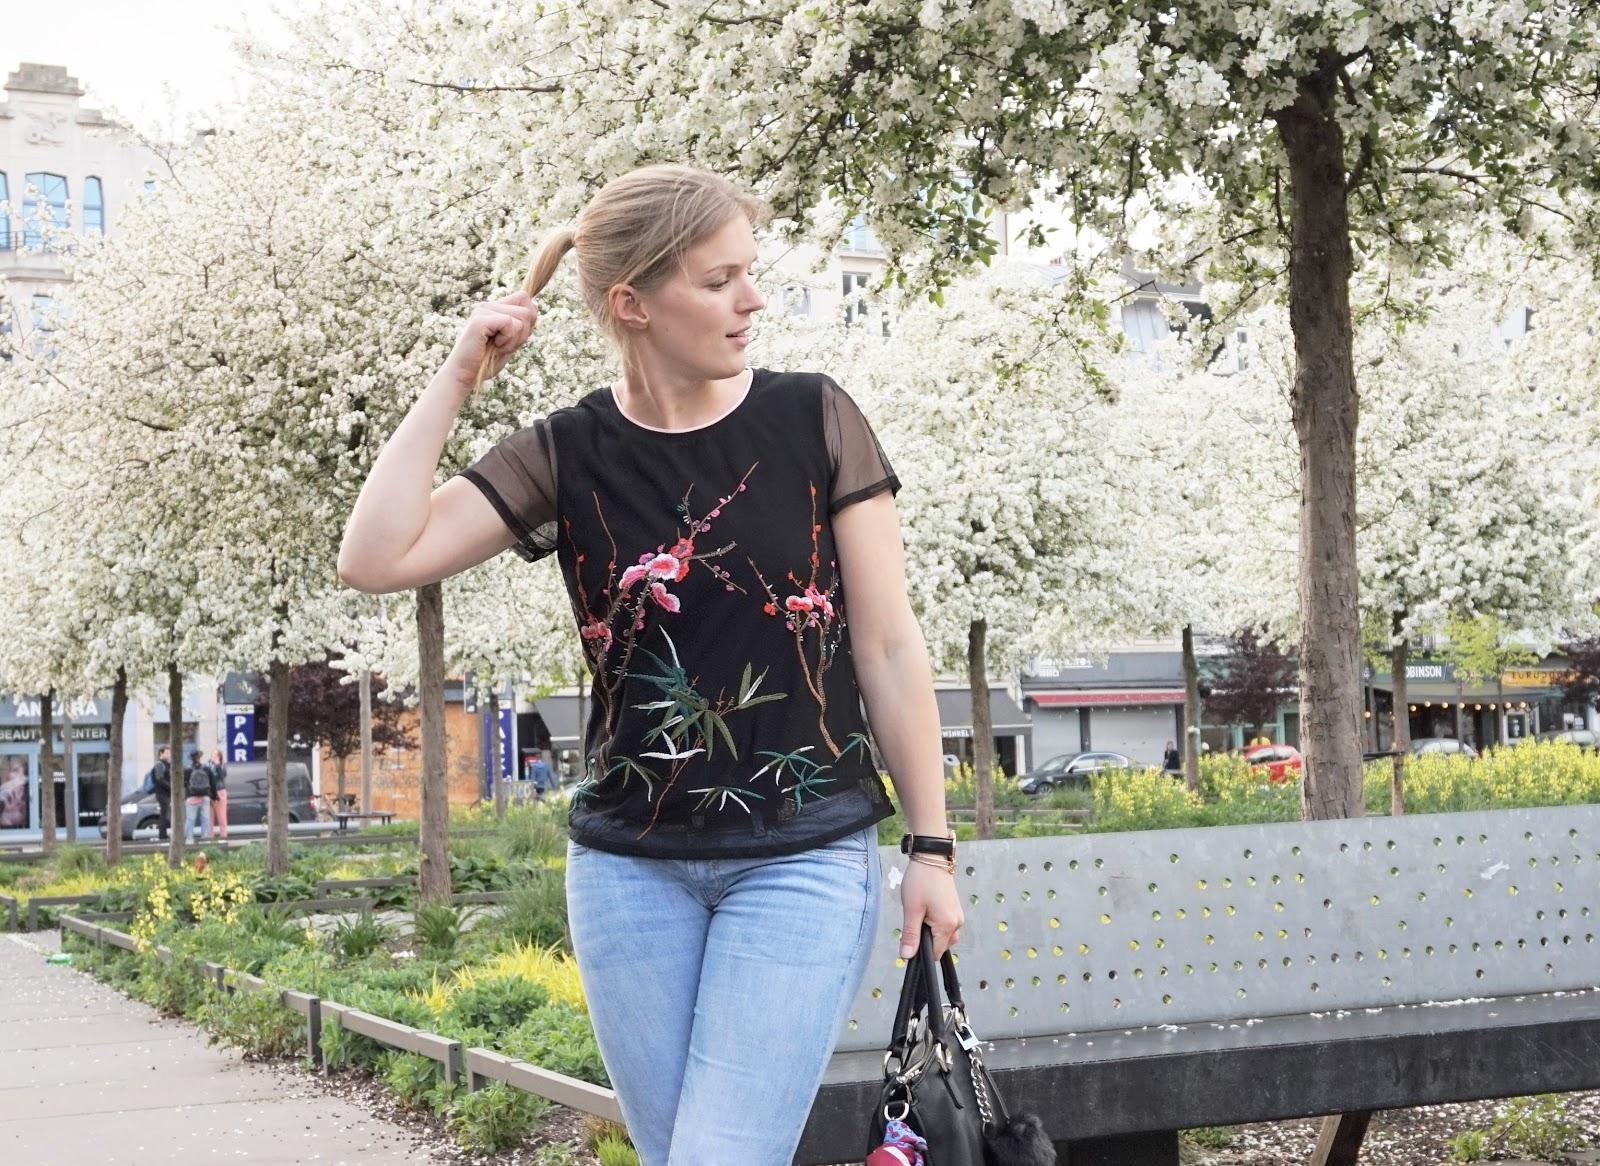 DSC05690 | Eline Van Dingenen